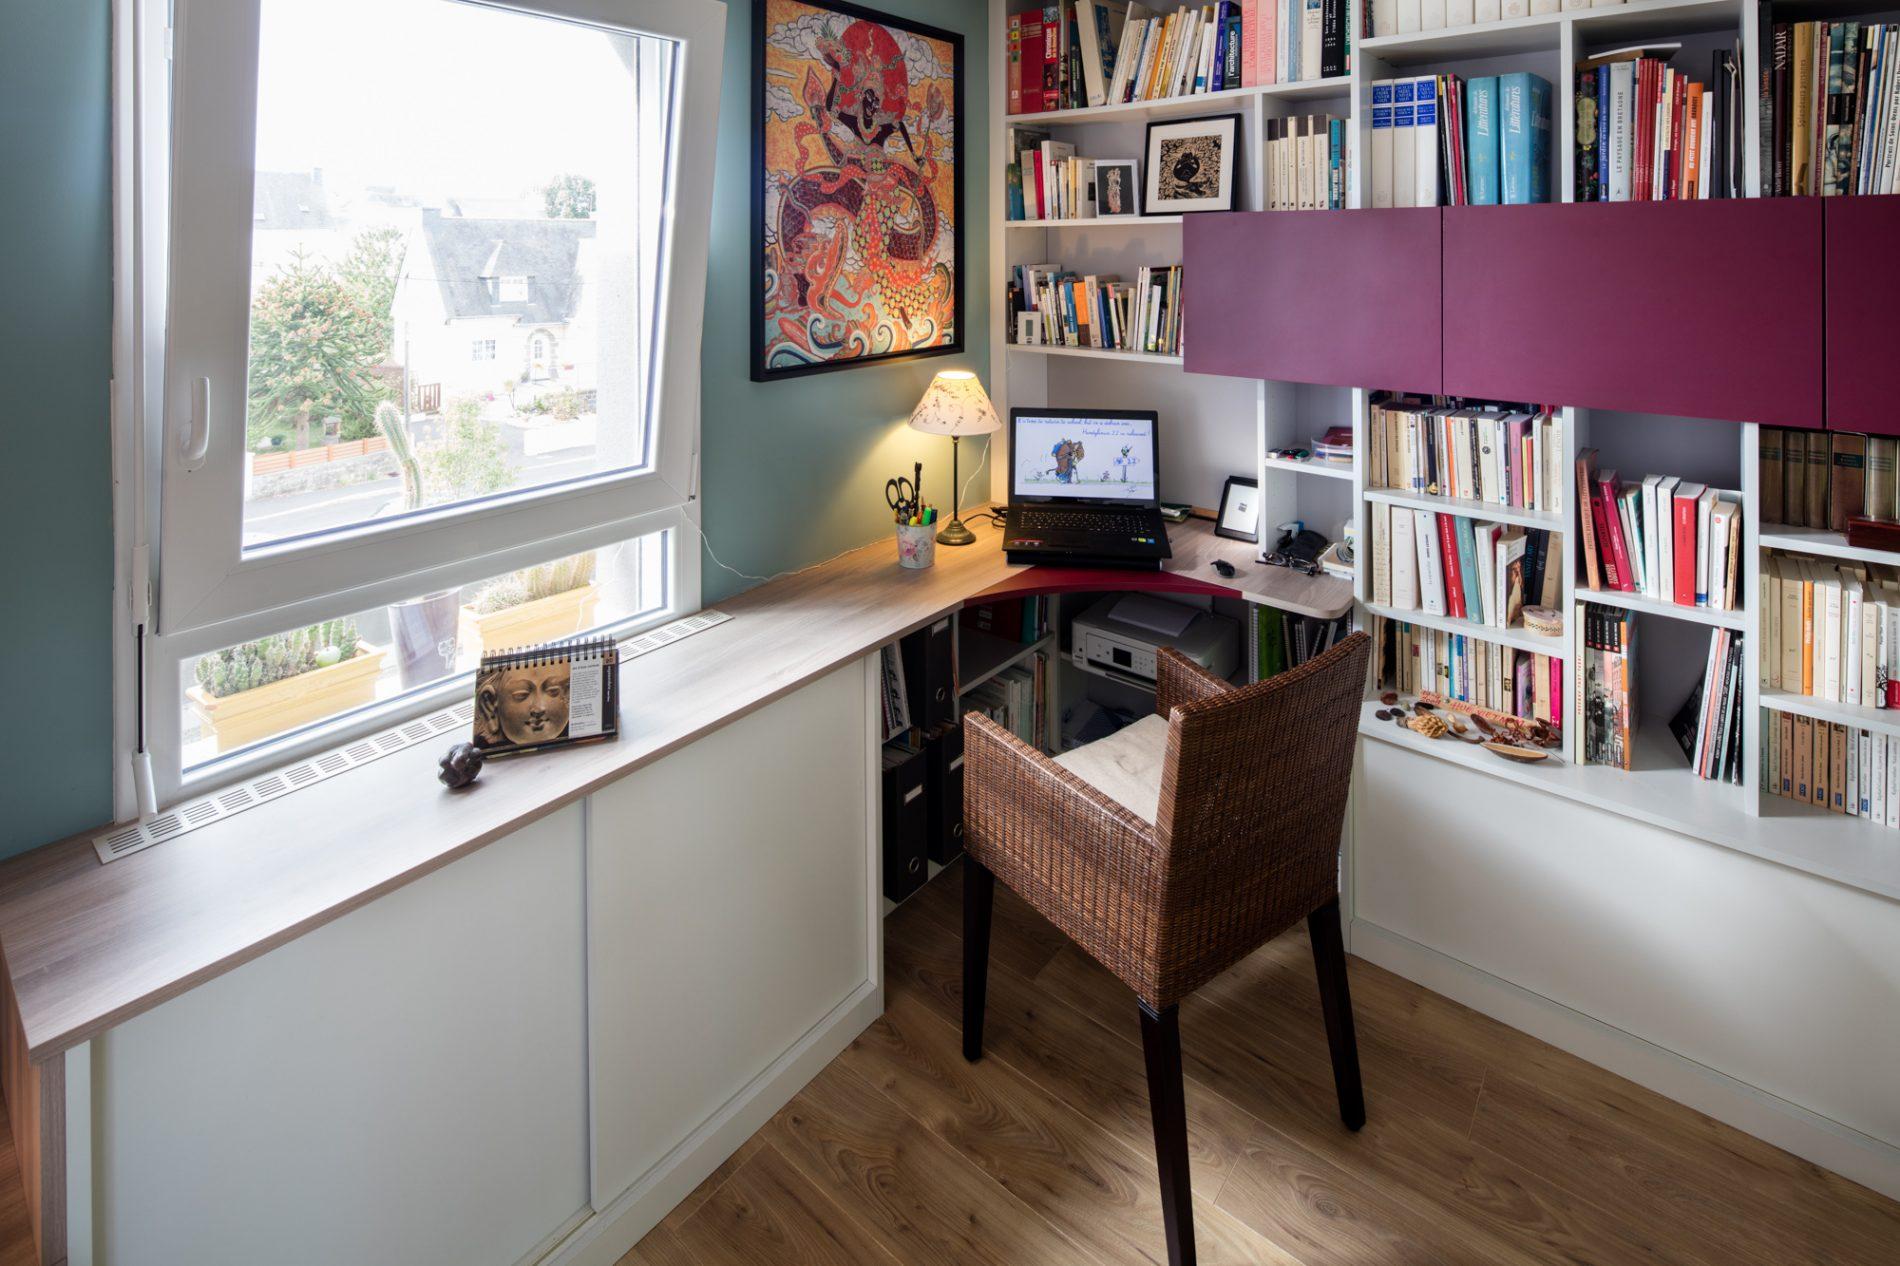 Bureau en bois clair avec placards et rangements